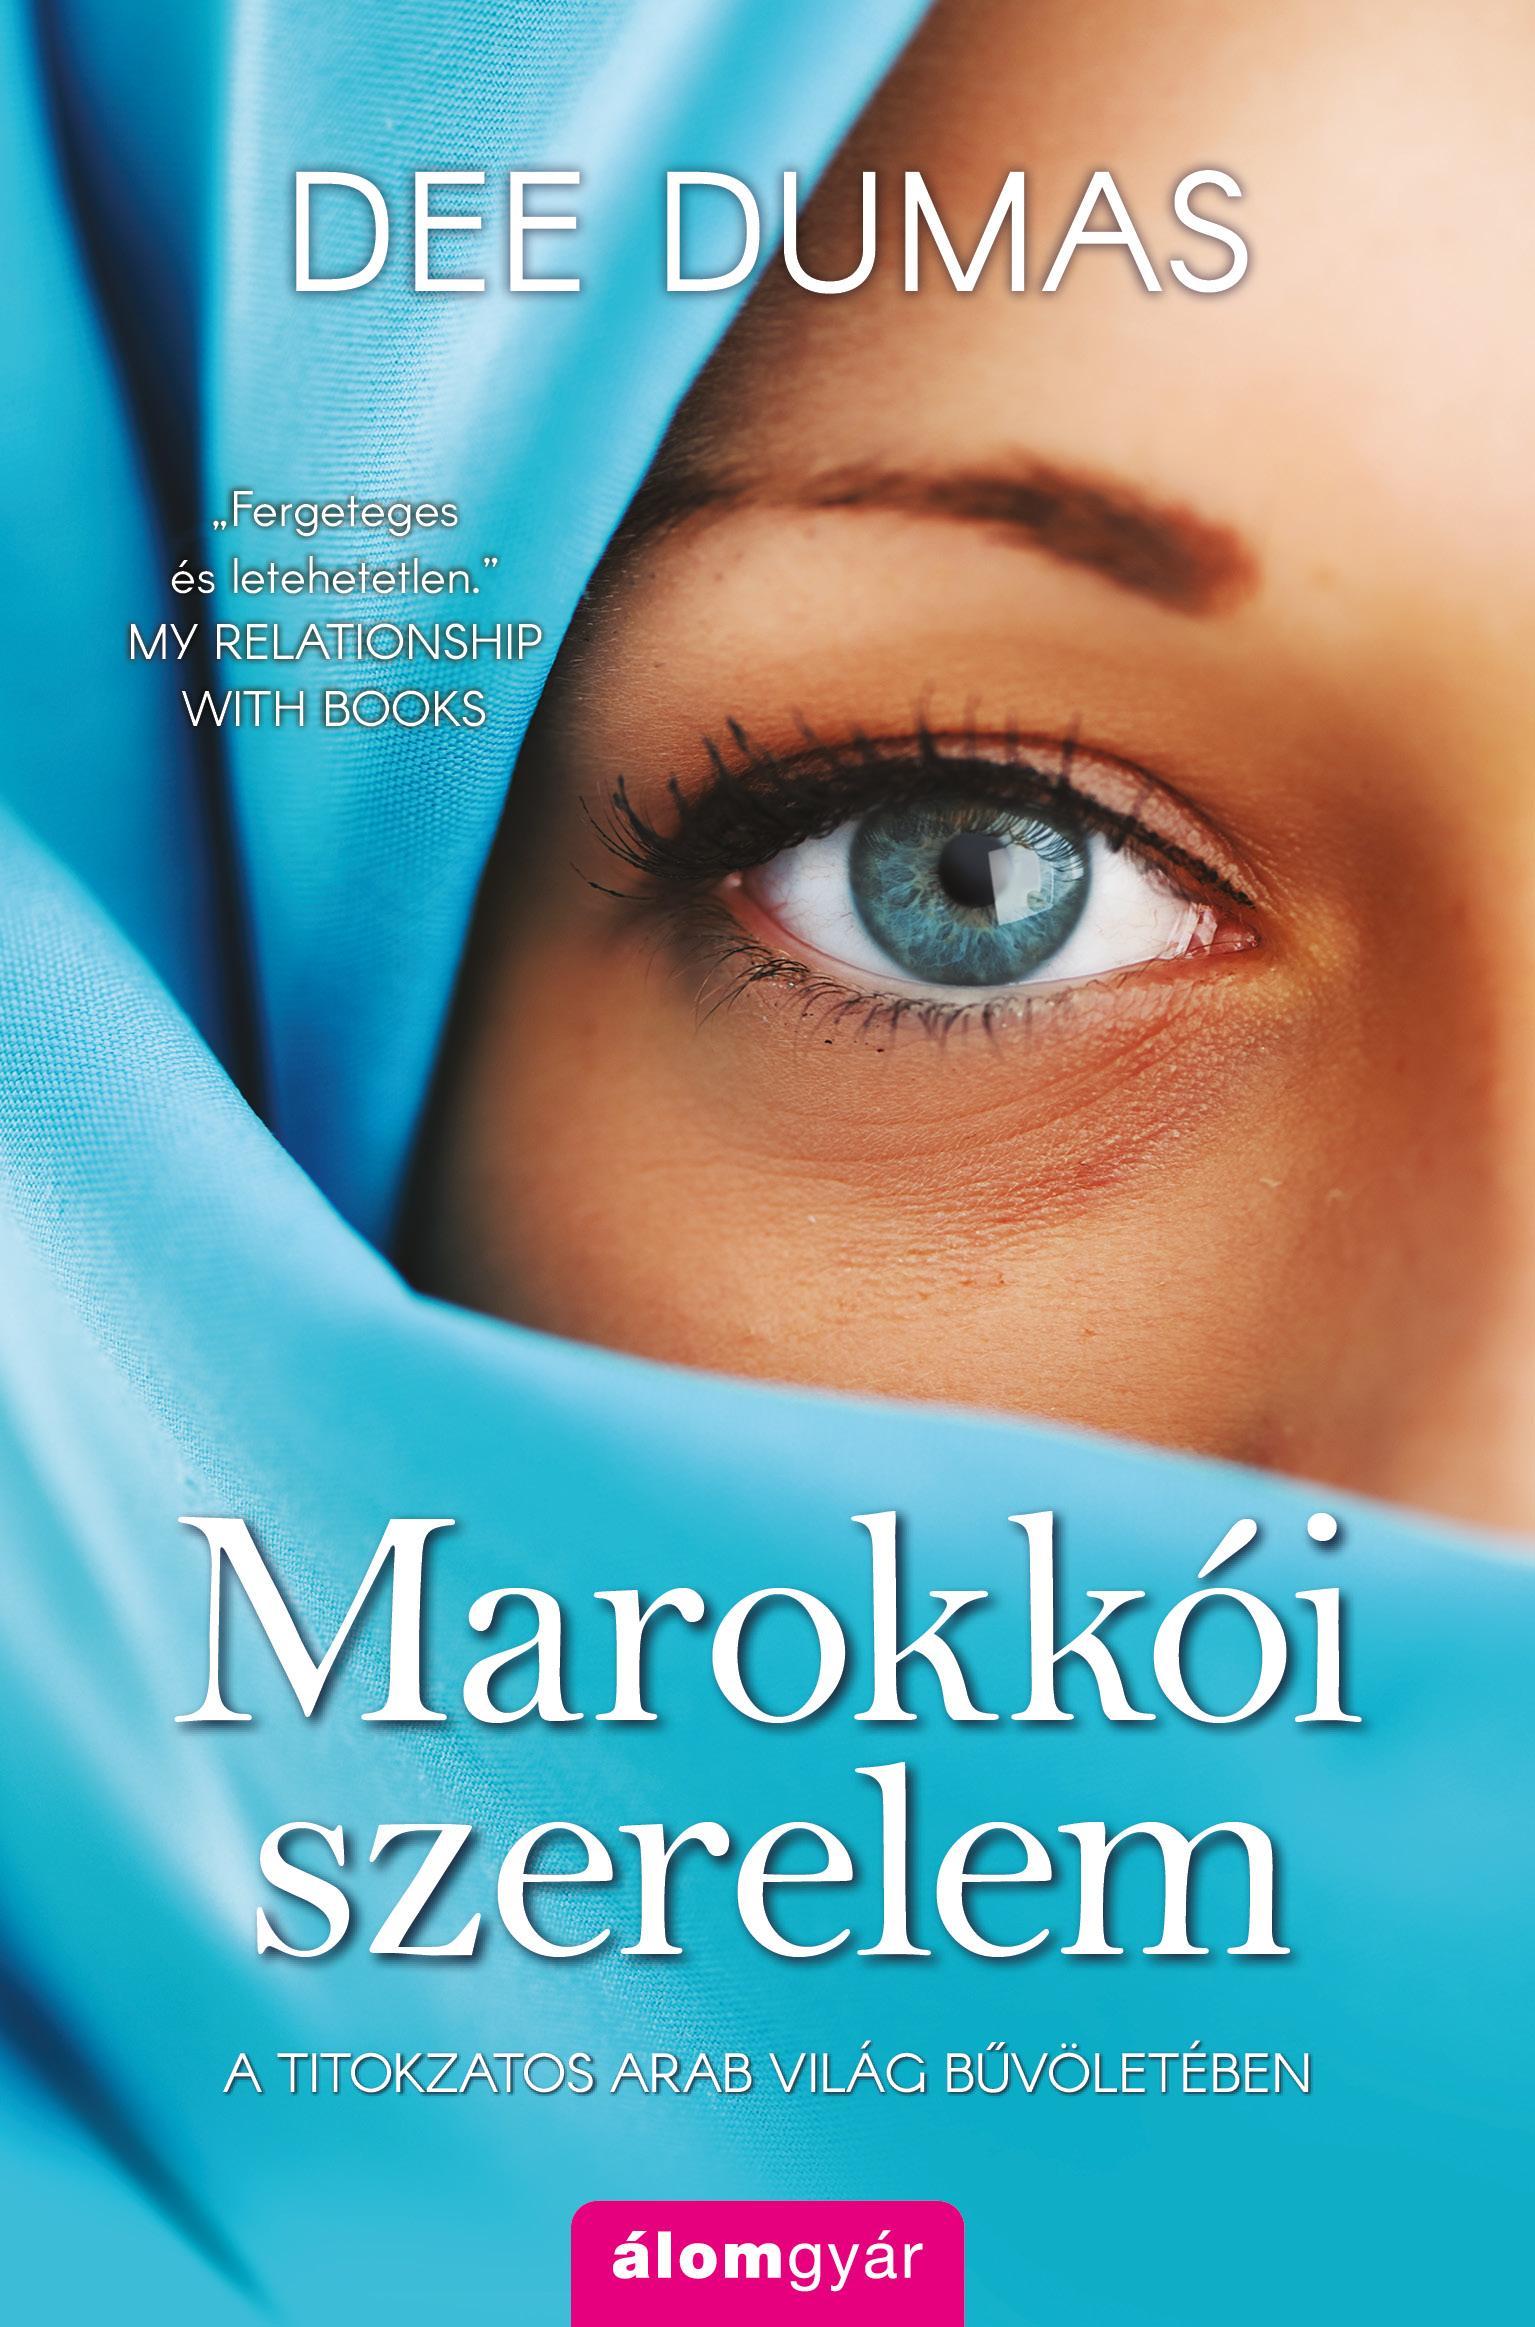 MAROKKÓI SZERELEM - A TITOKZATOS ARAB VILÁG BŰVÖLETÉBEN